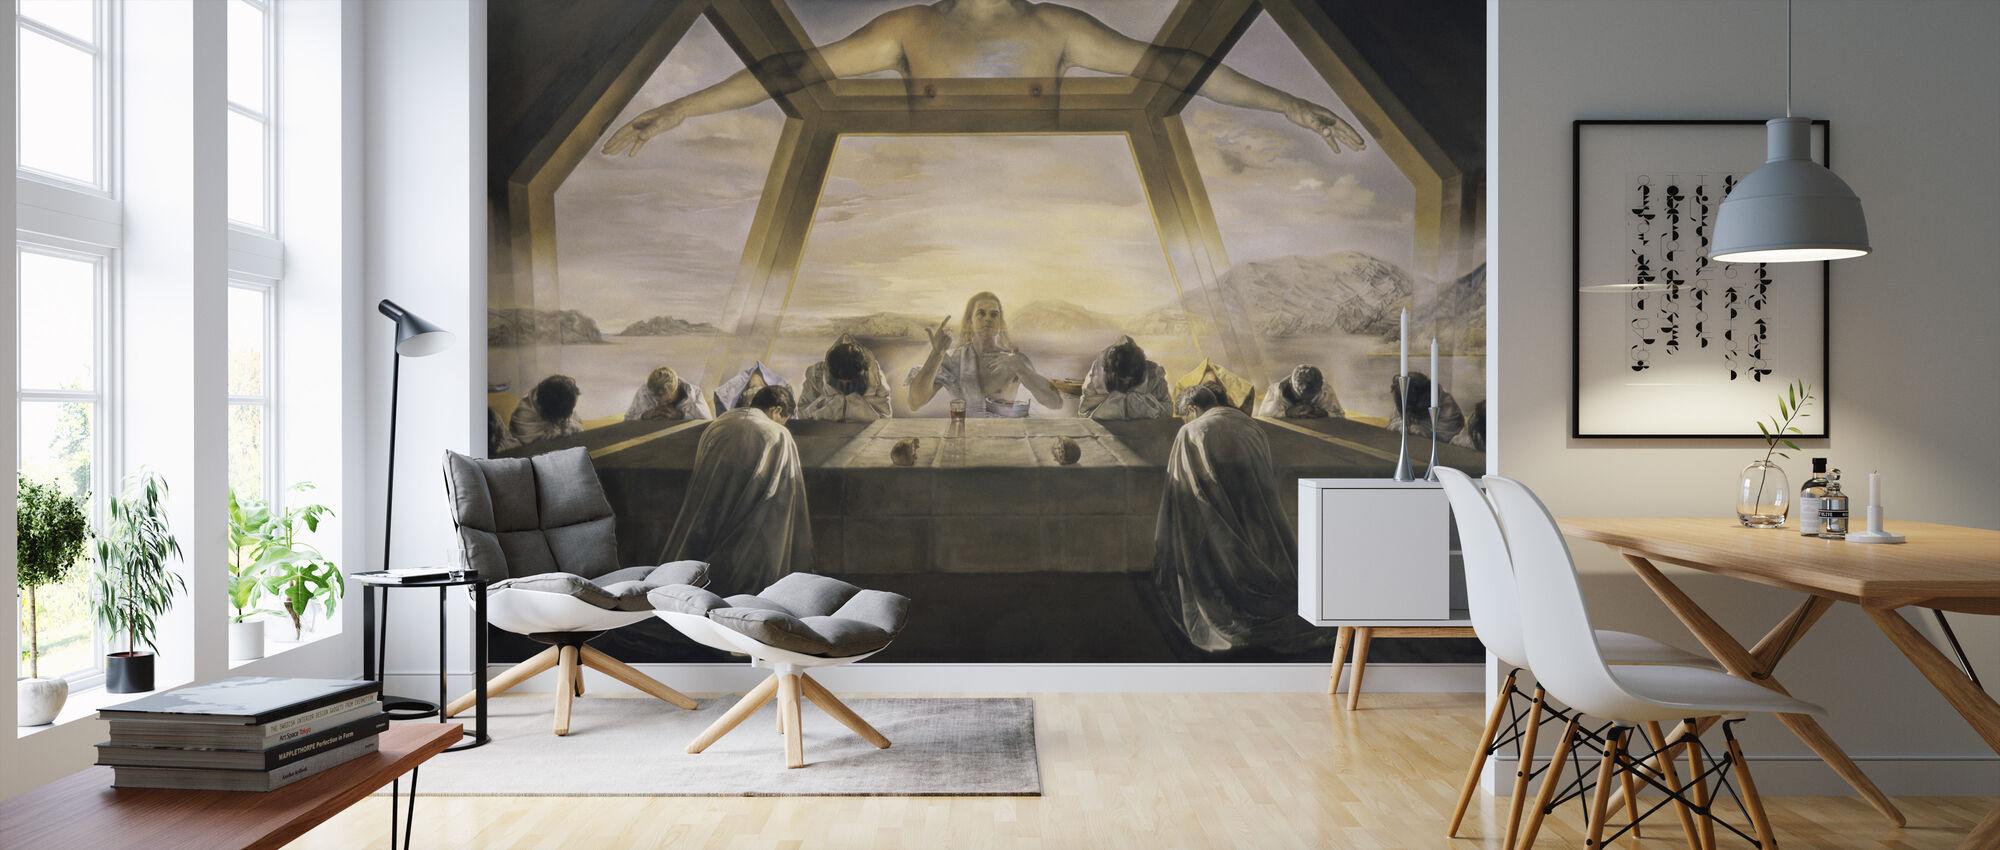 Sacrament of the Last Supper - Salvador Dali - Wallpaper - Living Room